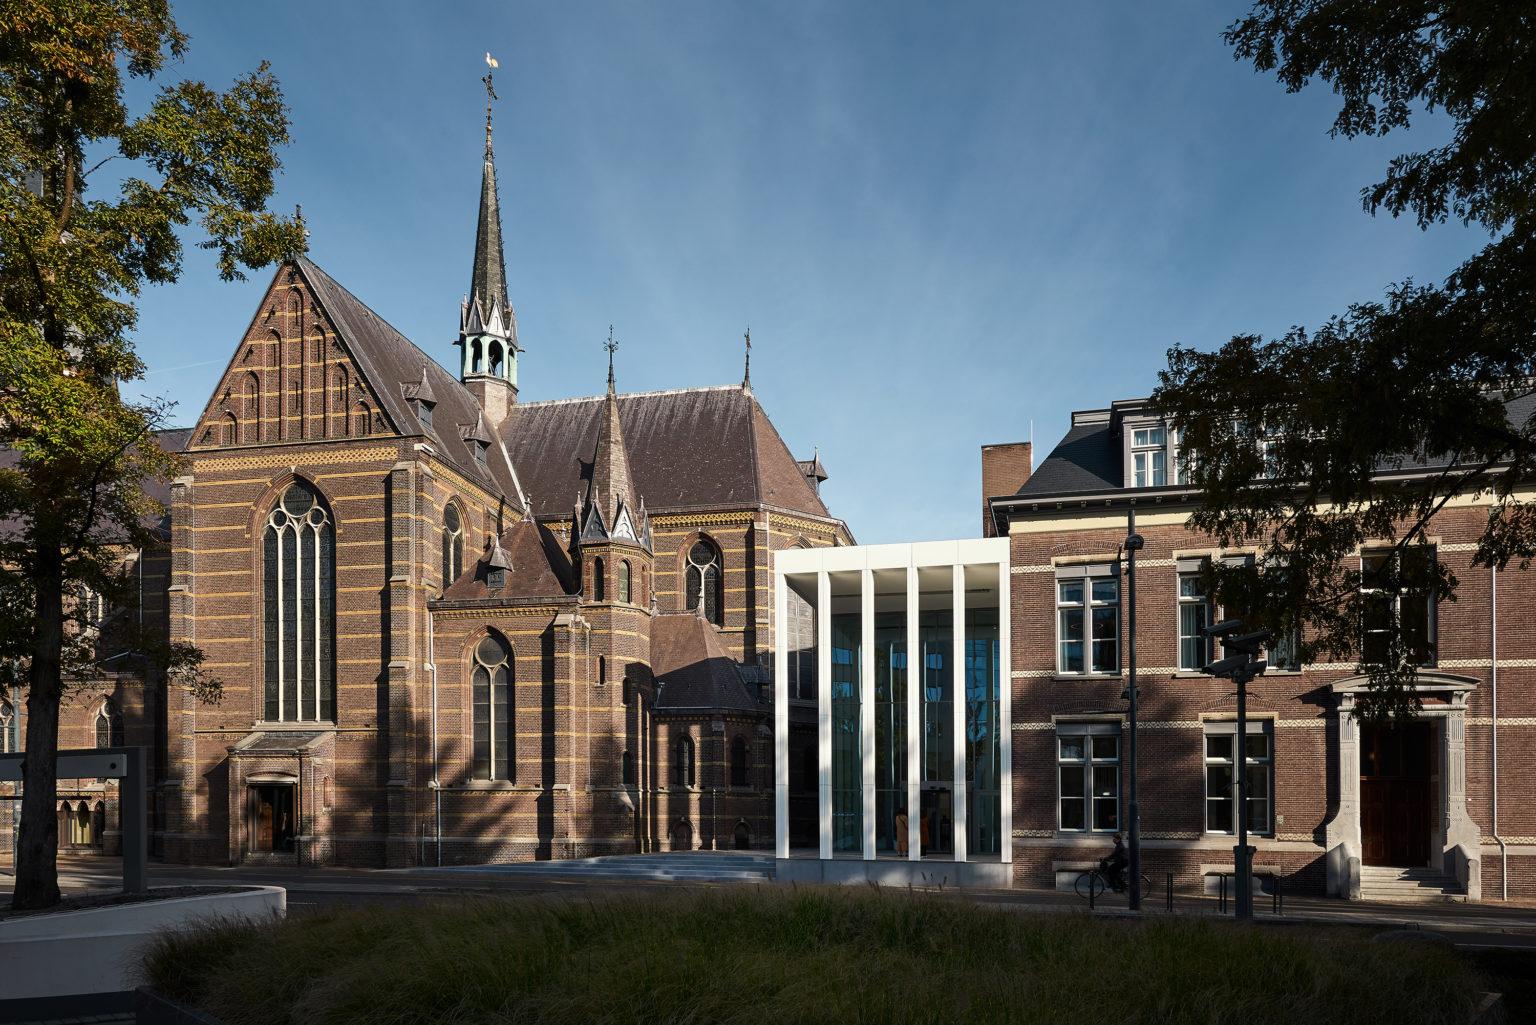 Mariënhage Kloosterhotel